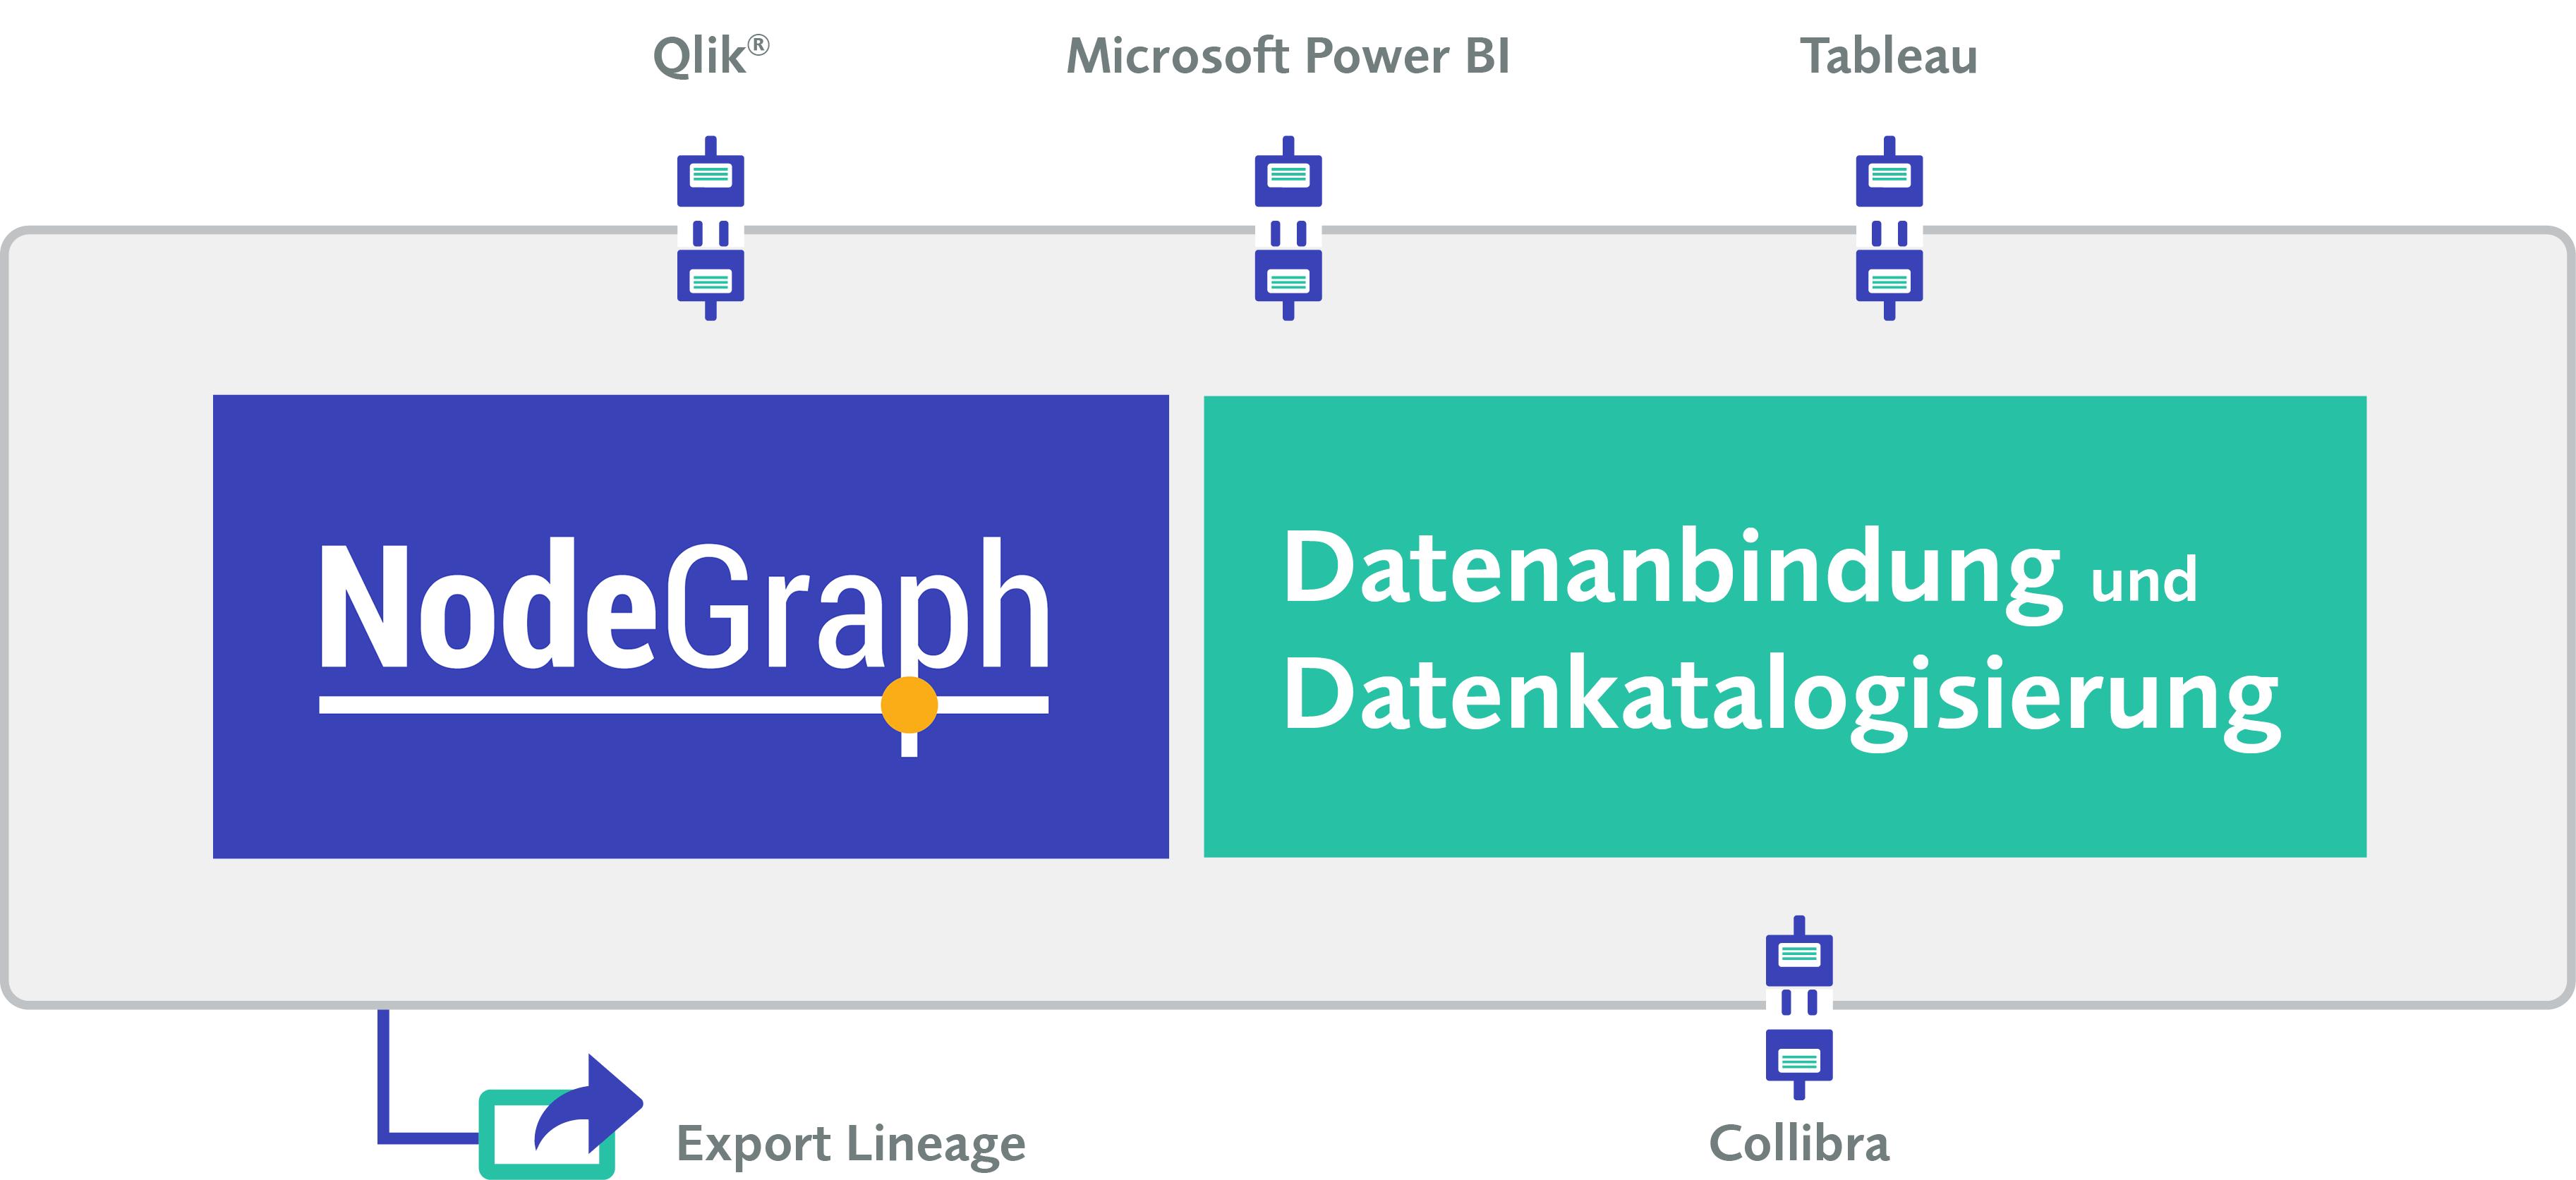 NodeGraph Möglichkeiten der Datenanbindung über Konnektoren